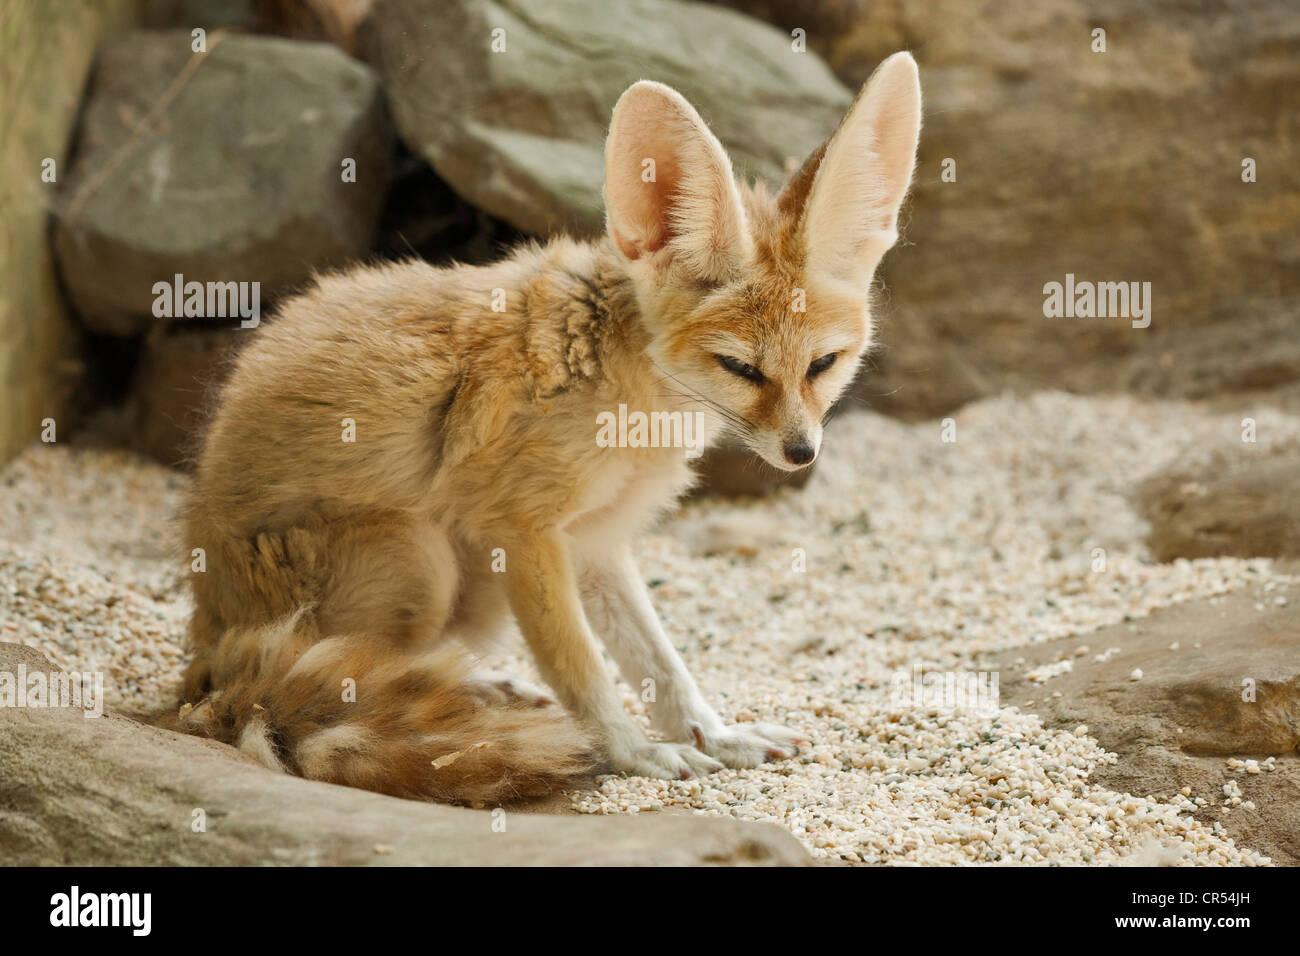 Fennec fox portrait-Note-Captive subject. - Stock Image